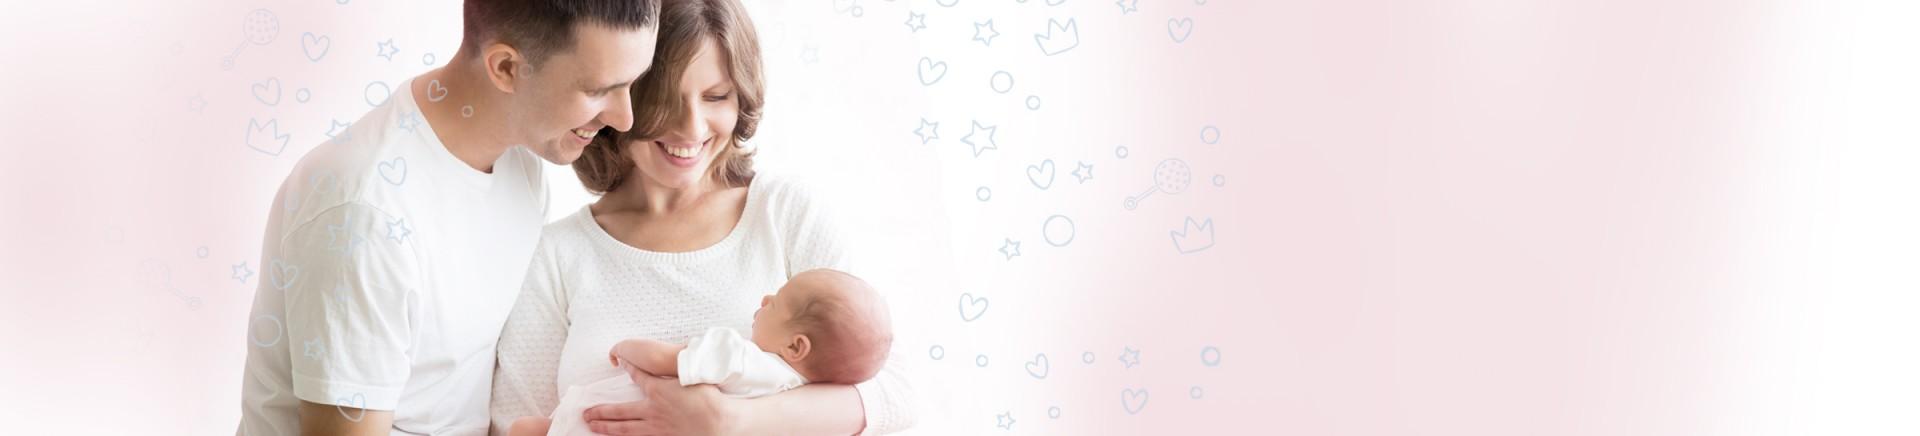 Porodówka w EMC Piaseczno działa bez zakłóceń